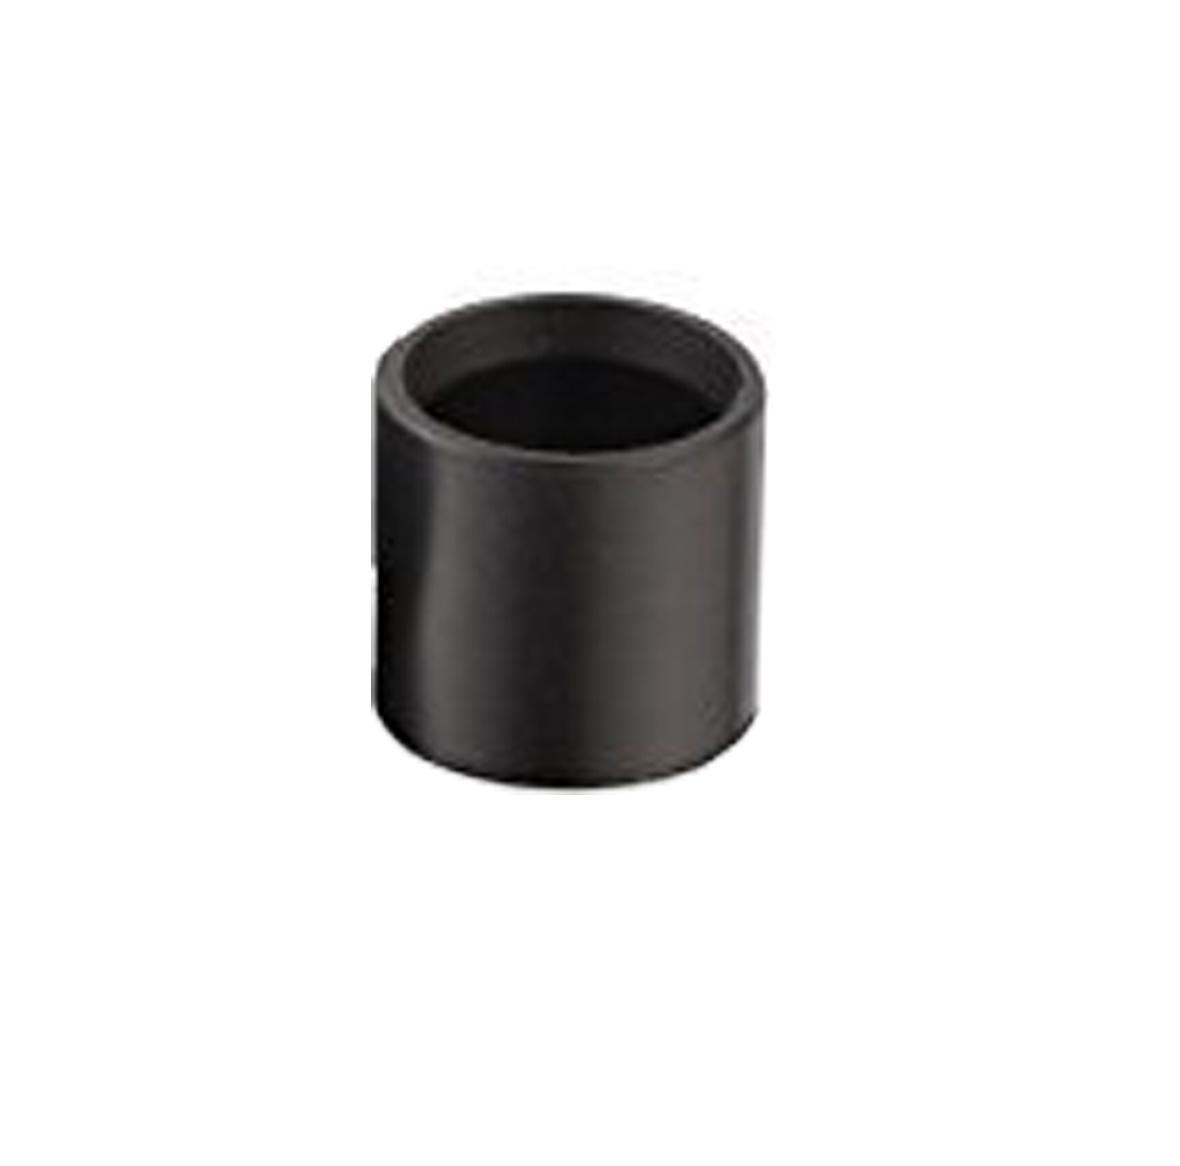 Aspire Nautilus PockeX drip tip - 10 Pcs